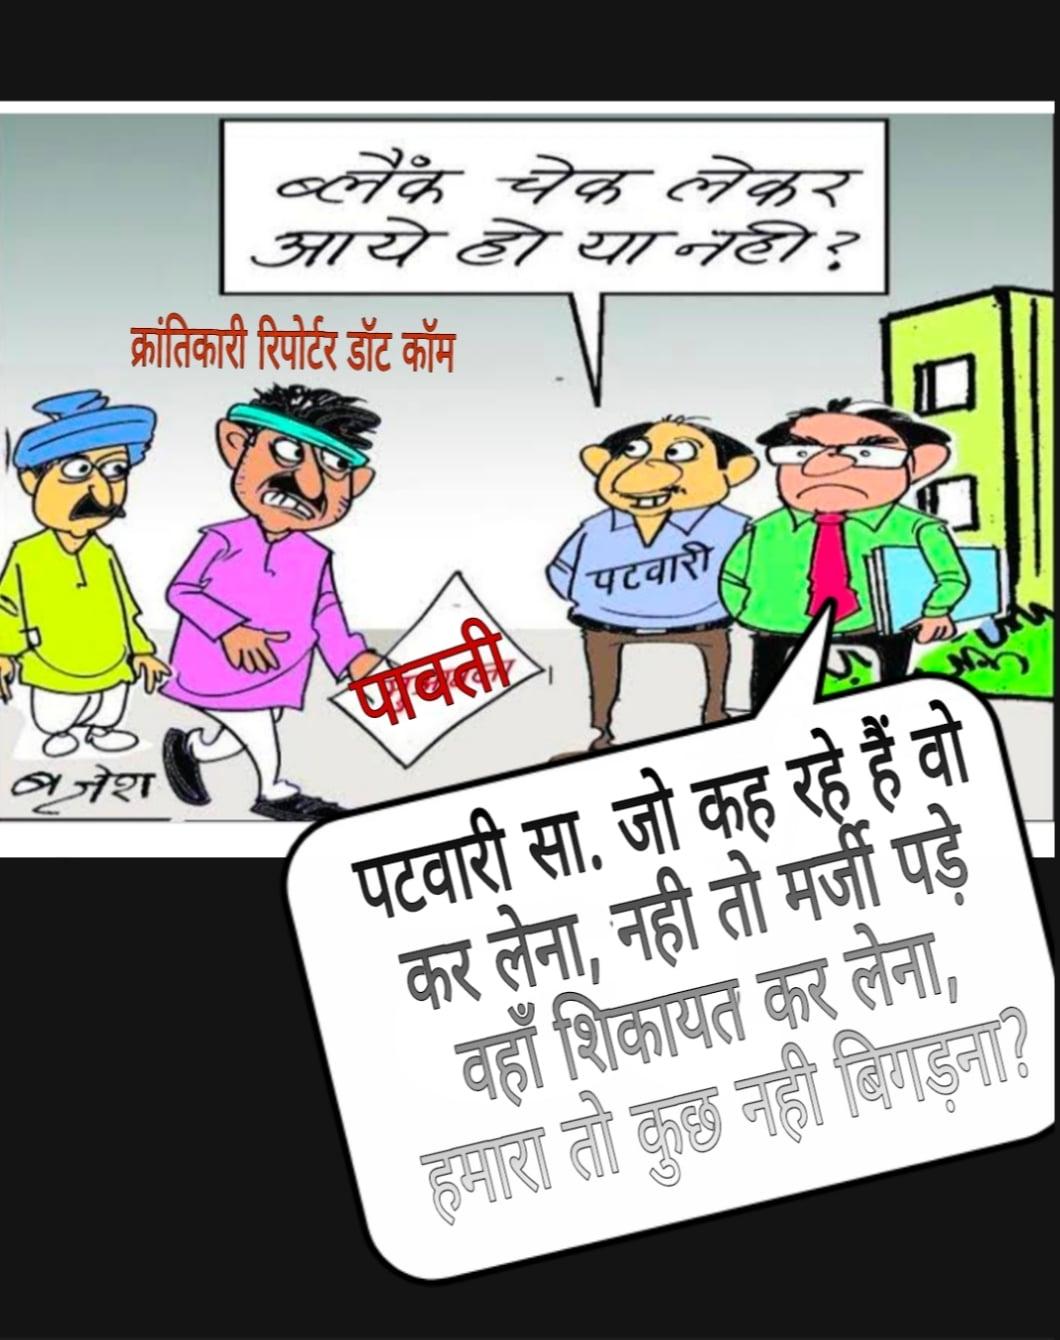 #लम्बी लुटपट्टी की शिकायतों के बाद भ्रष्ट पटवारी शुक्ला को हटाया था... फिर ईमानदार भाजपा जिलाध्यक्ष का स्पोट इस बेईमान को कैसे मिला...?